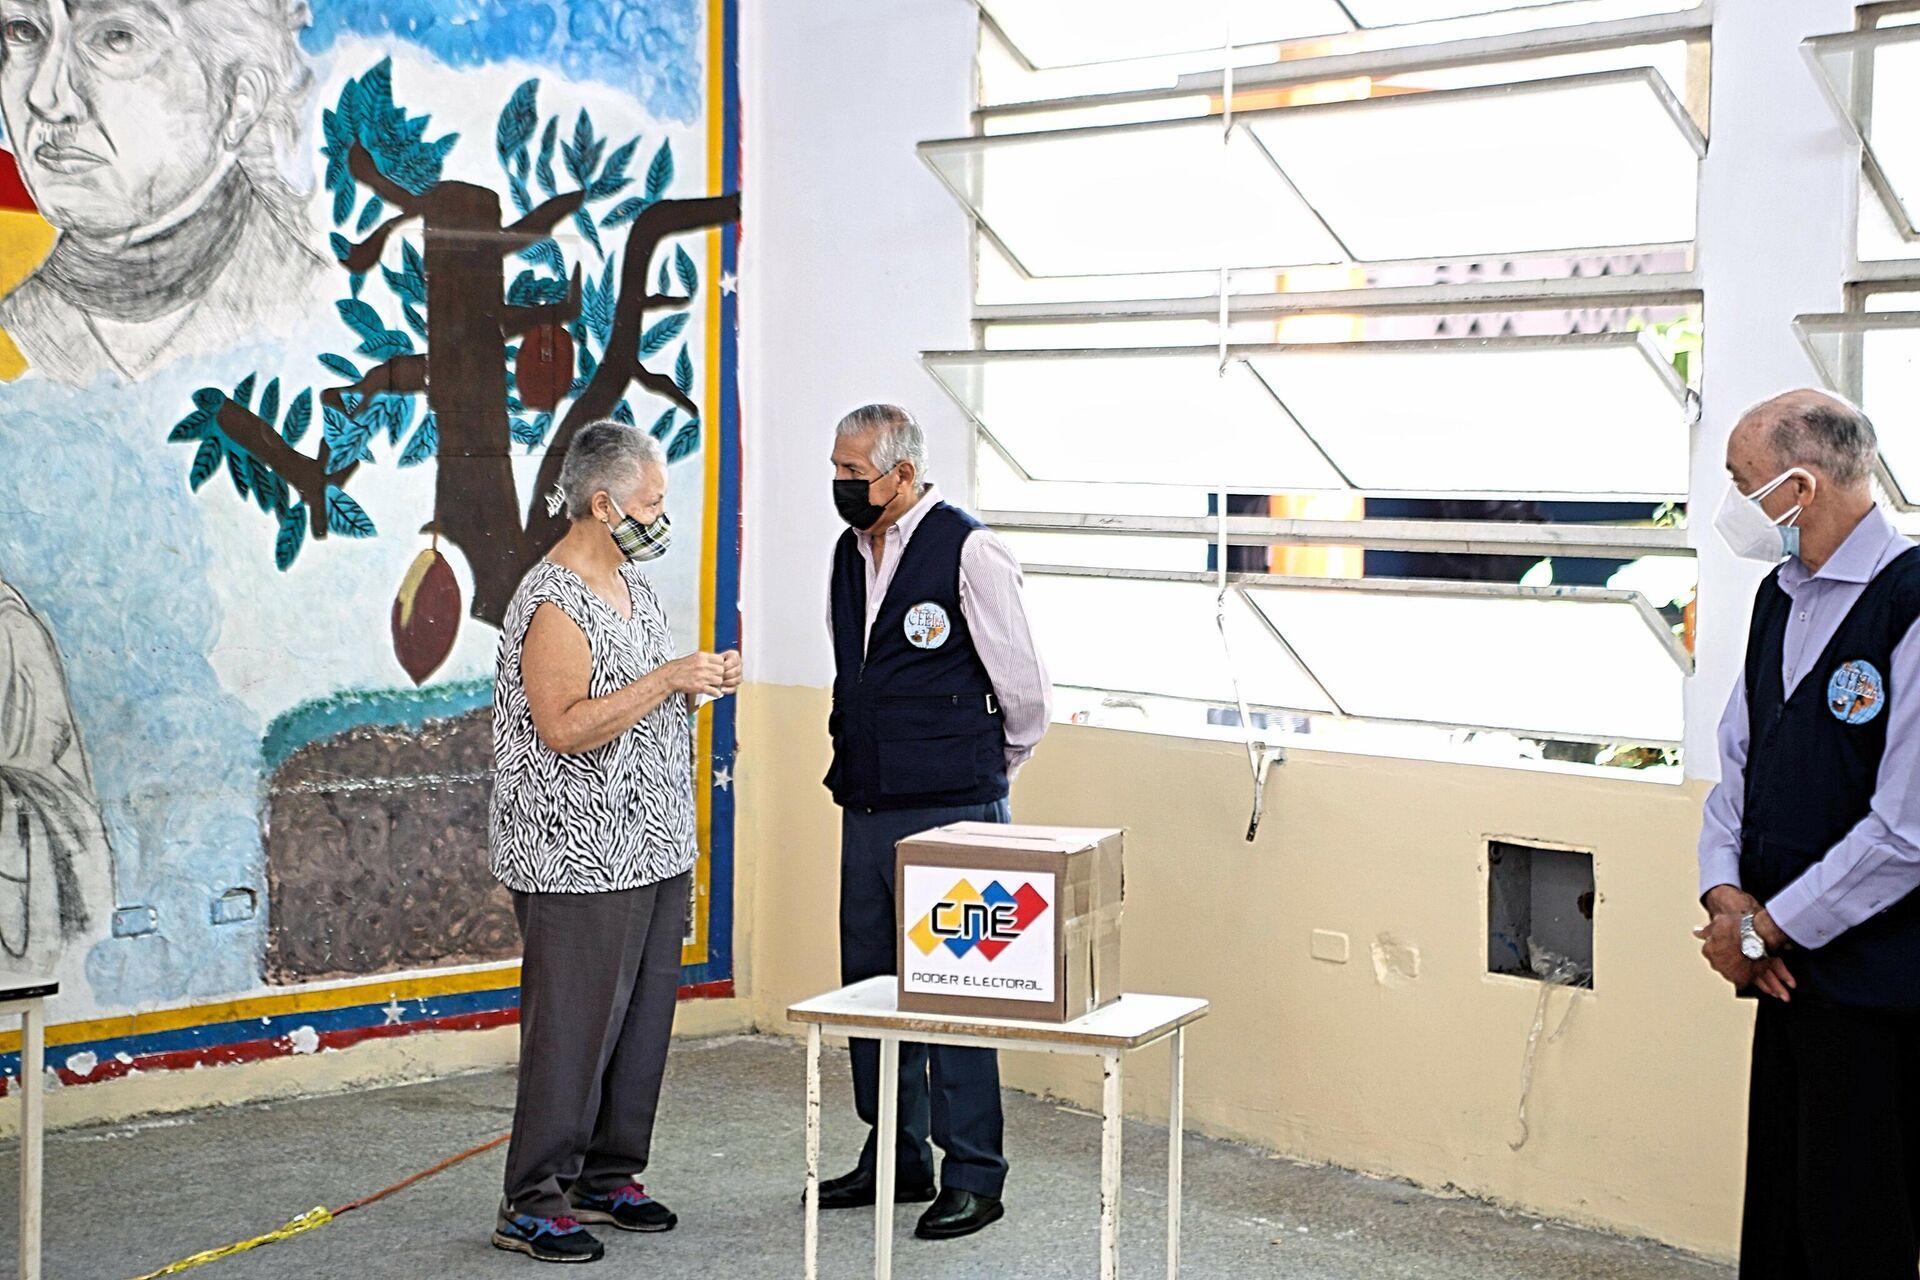 Expertos electorales de Latinoamérica presencian simulacro de votación en Venezuela - Sputnik Mundo, 1920, 11.10.2021